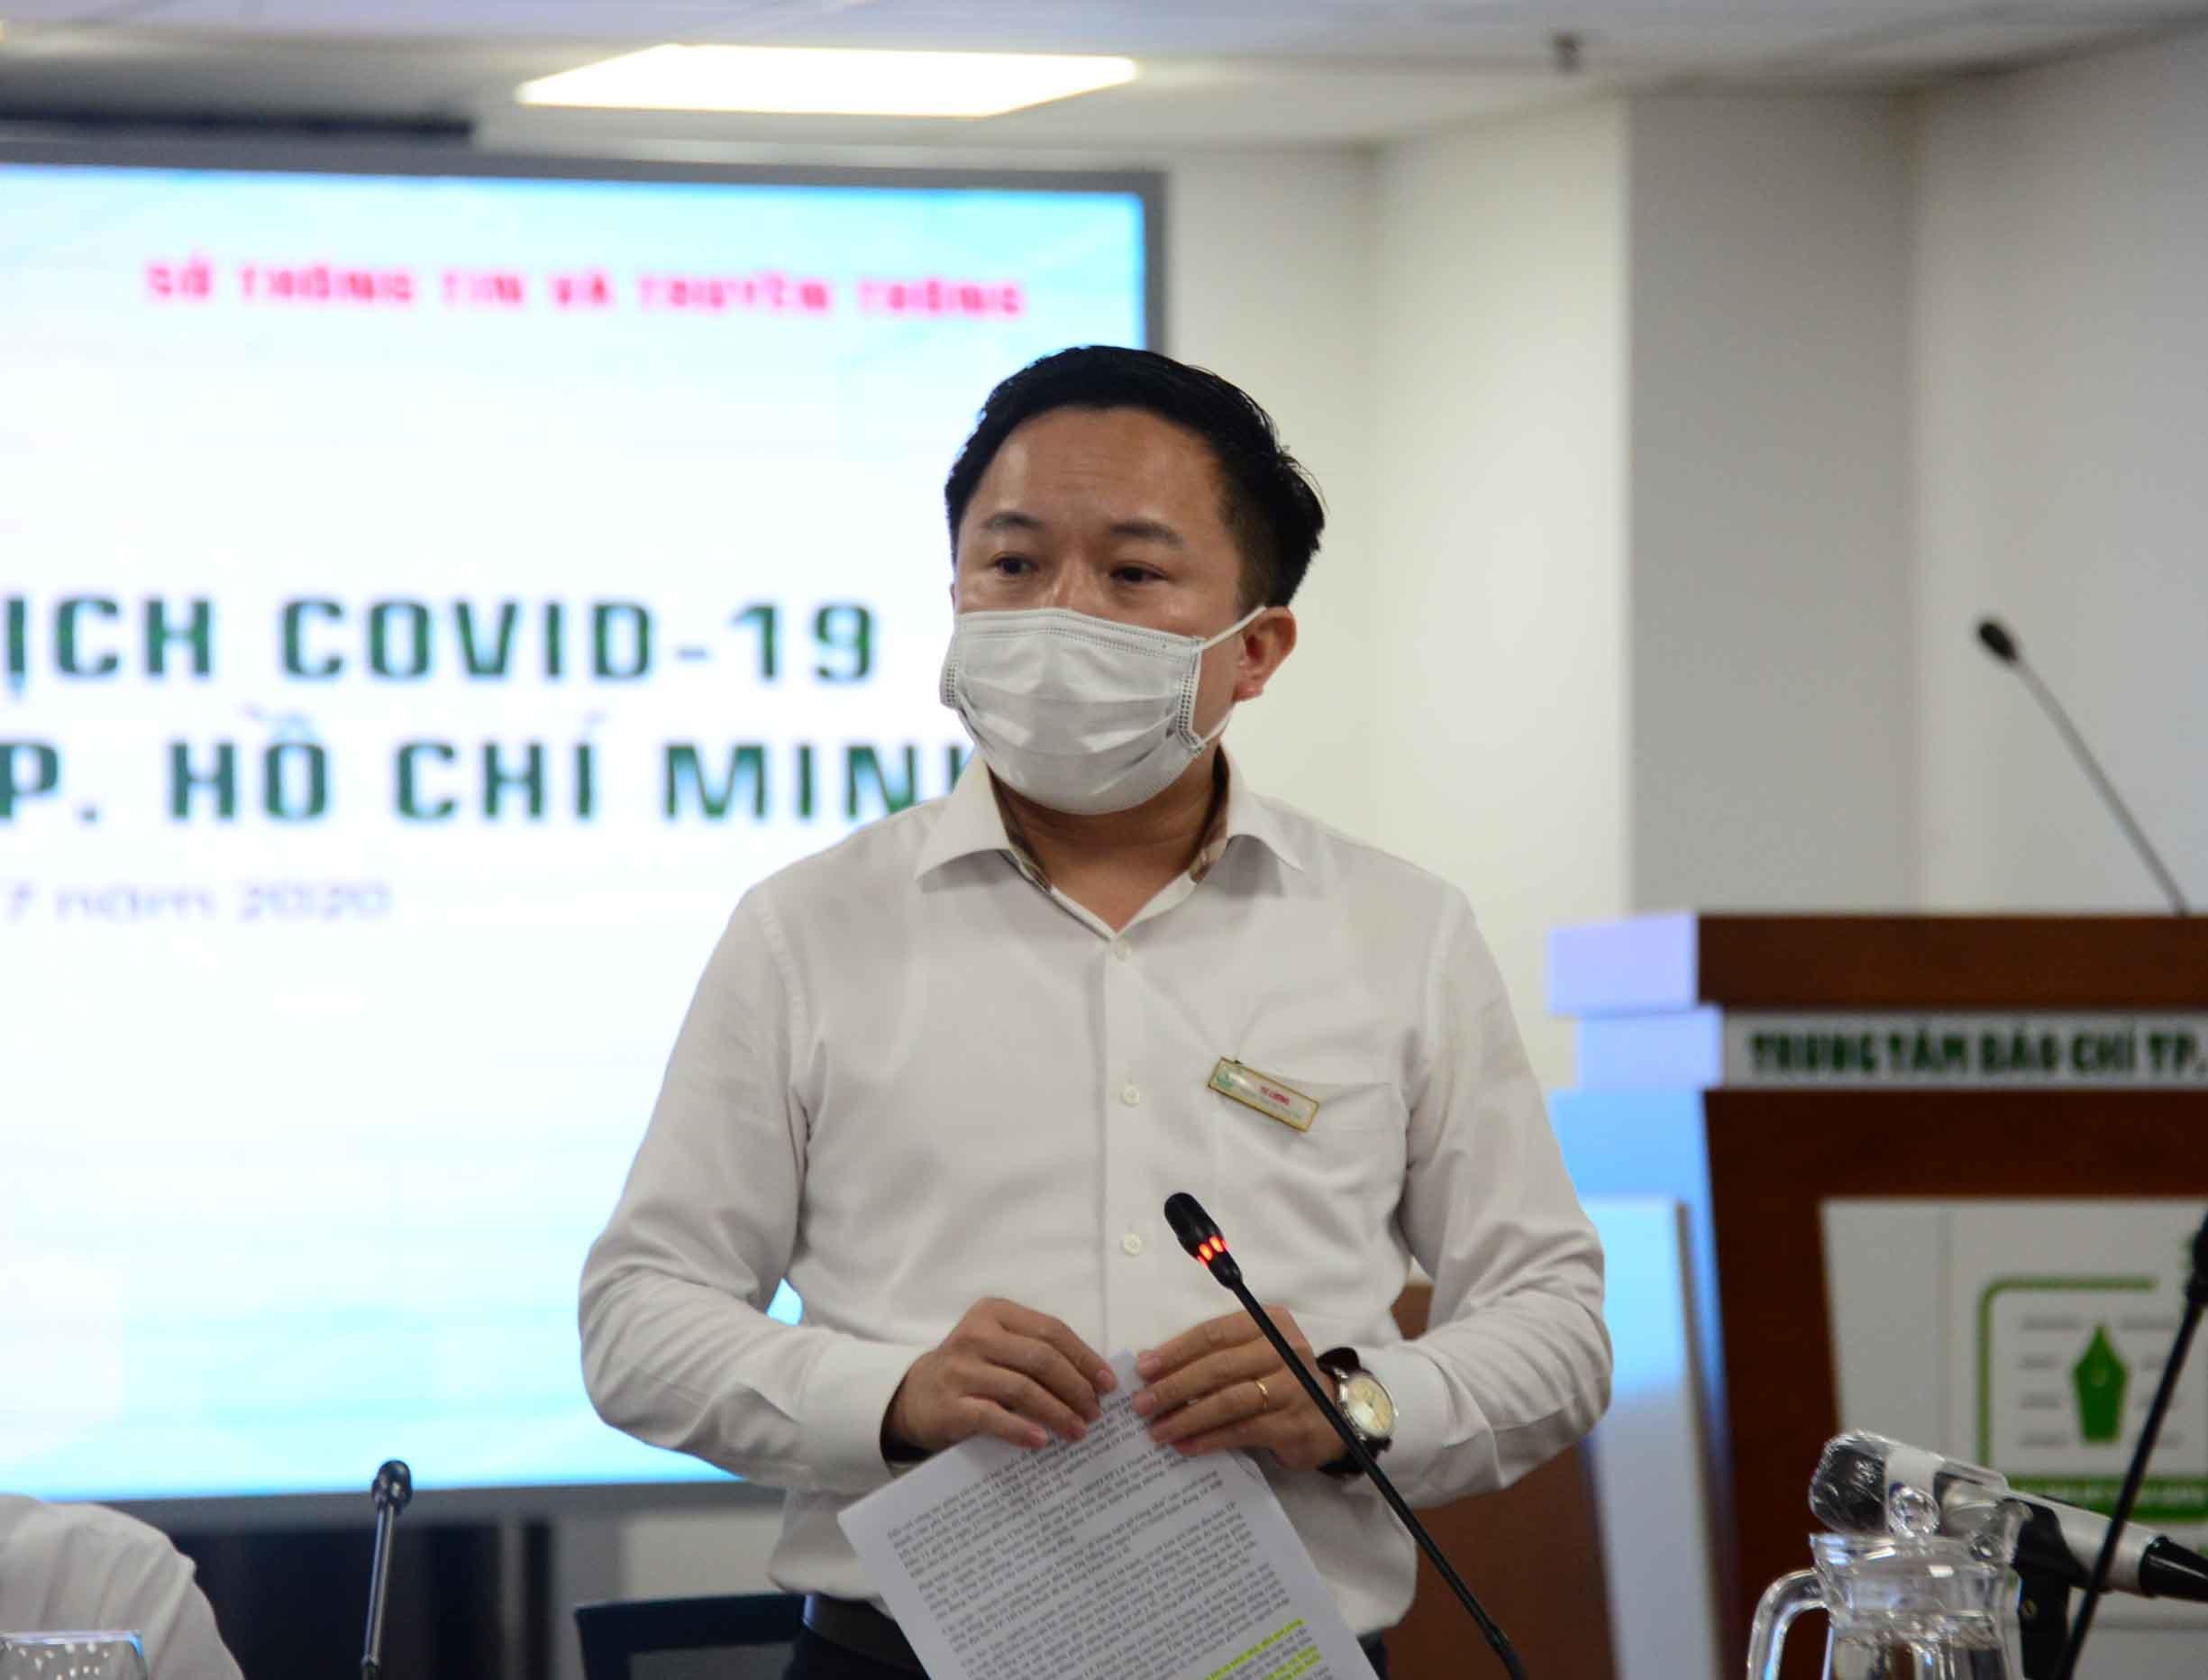 Lý do không phong tỏa bệnh viện Chợ Rẫy dù có bệnh nhân Covid-19